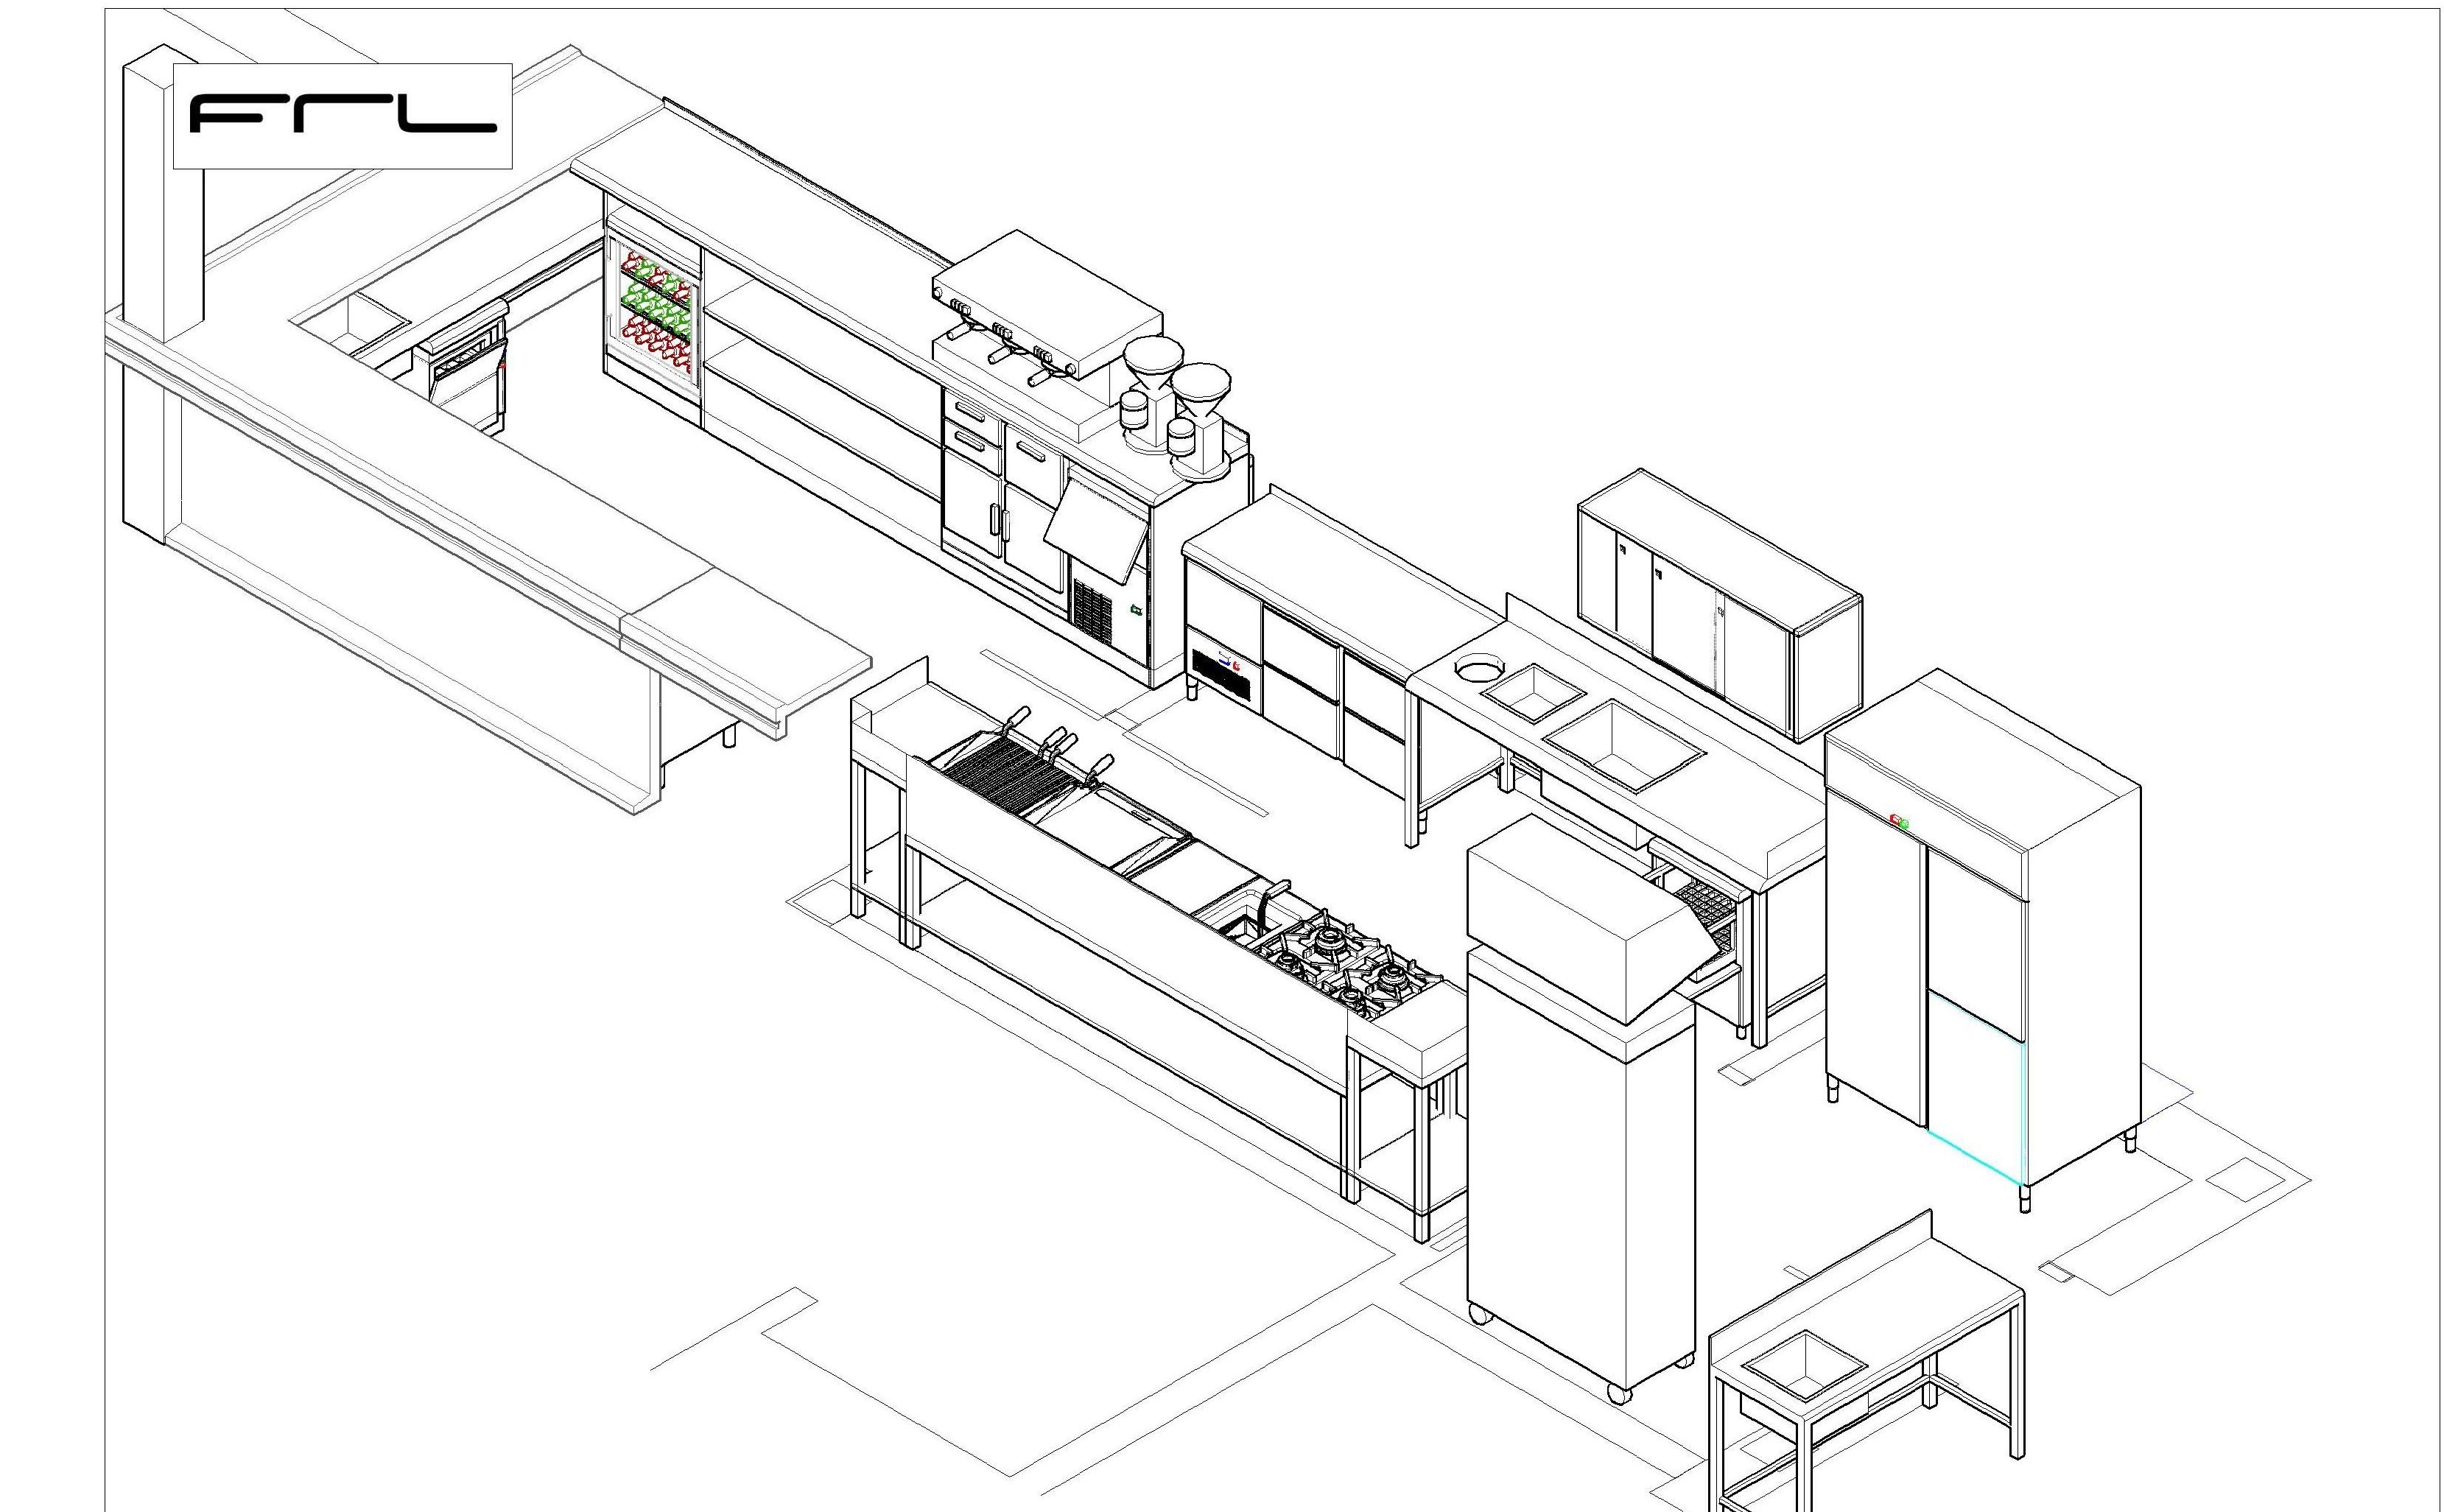 Dise amos tu espacio de trabajo cat logo de frl for Plano de una cocina profesional